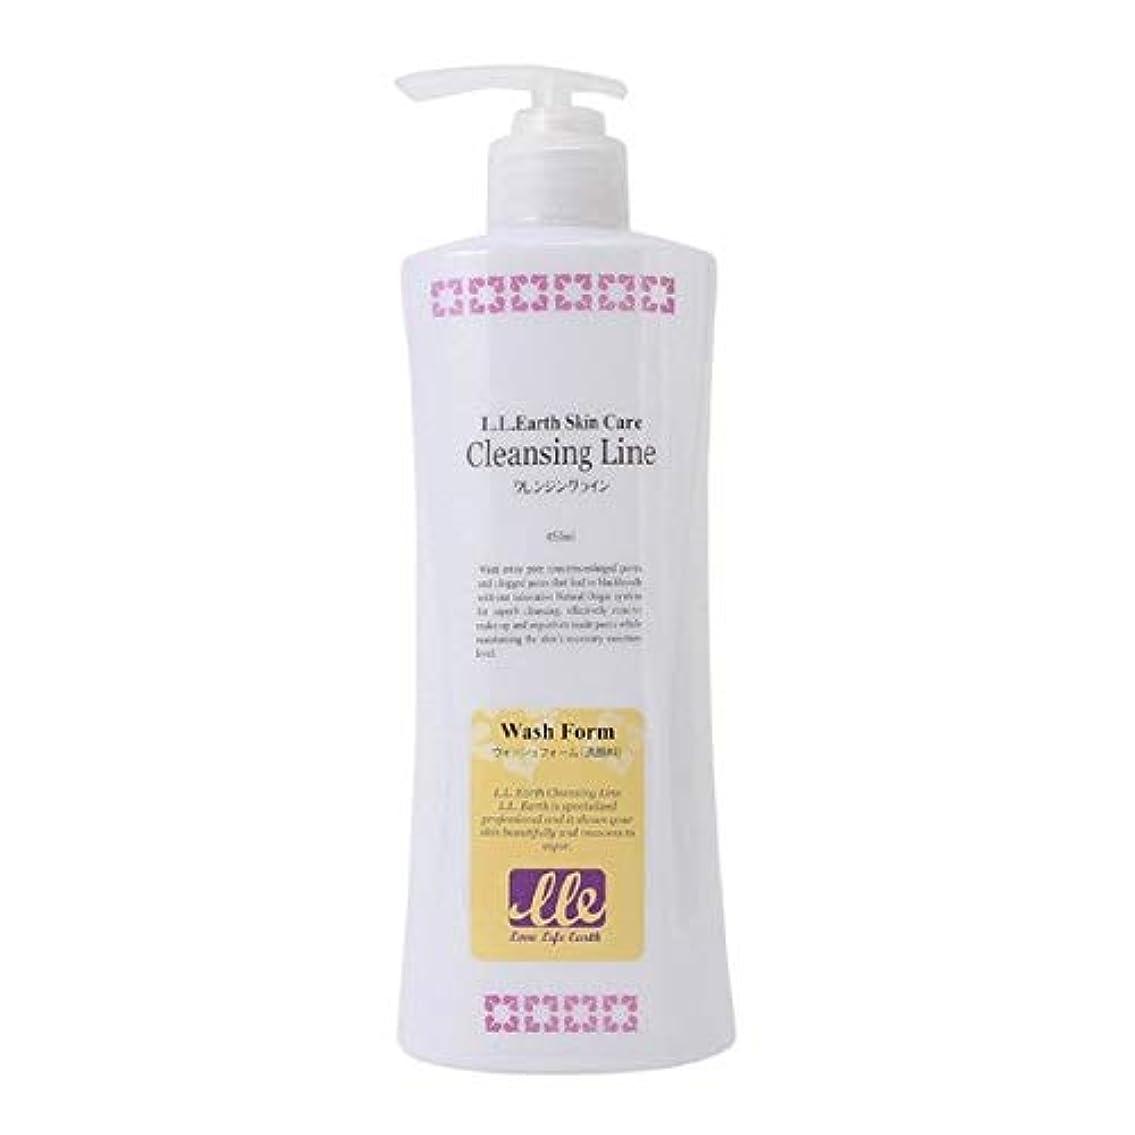 感嘆符寸前オプションLLE ウォッシュフォーム 業務用 450ml 洗顔 洗顔料 クリームタイプ アロエベラ